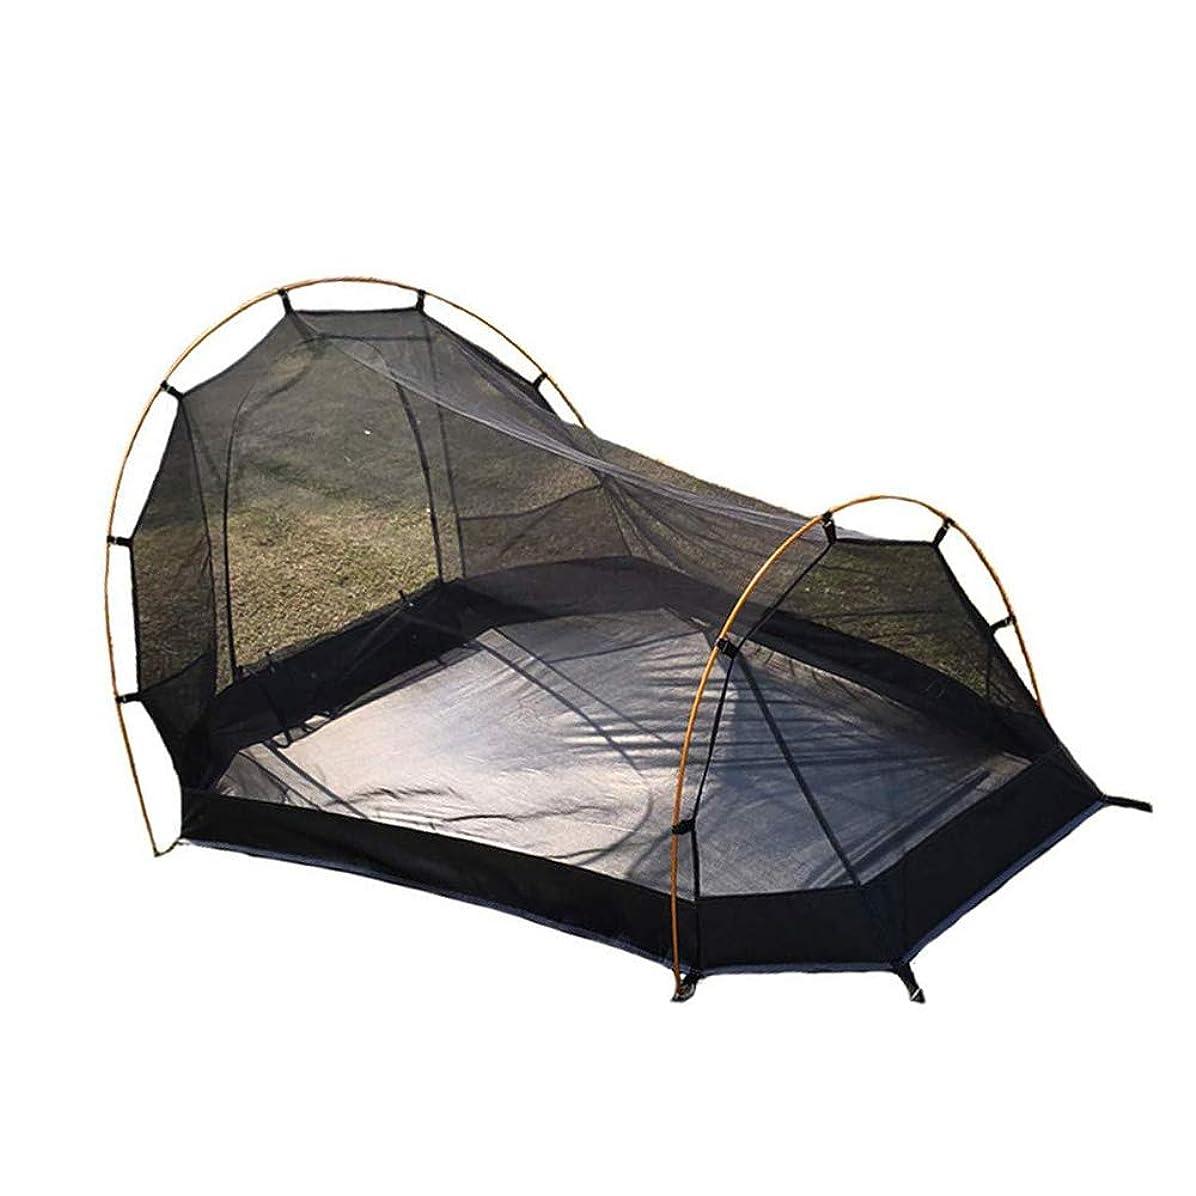 資本遠え局Kadahis 蚊帳 アウトドア モスキートネット キャンプ用蚊除け網 1-2人用 アルミポール 超軽量 携帯式テント 設営簡単 高密度 持ち運び便利 収納ポーチ付き